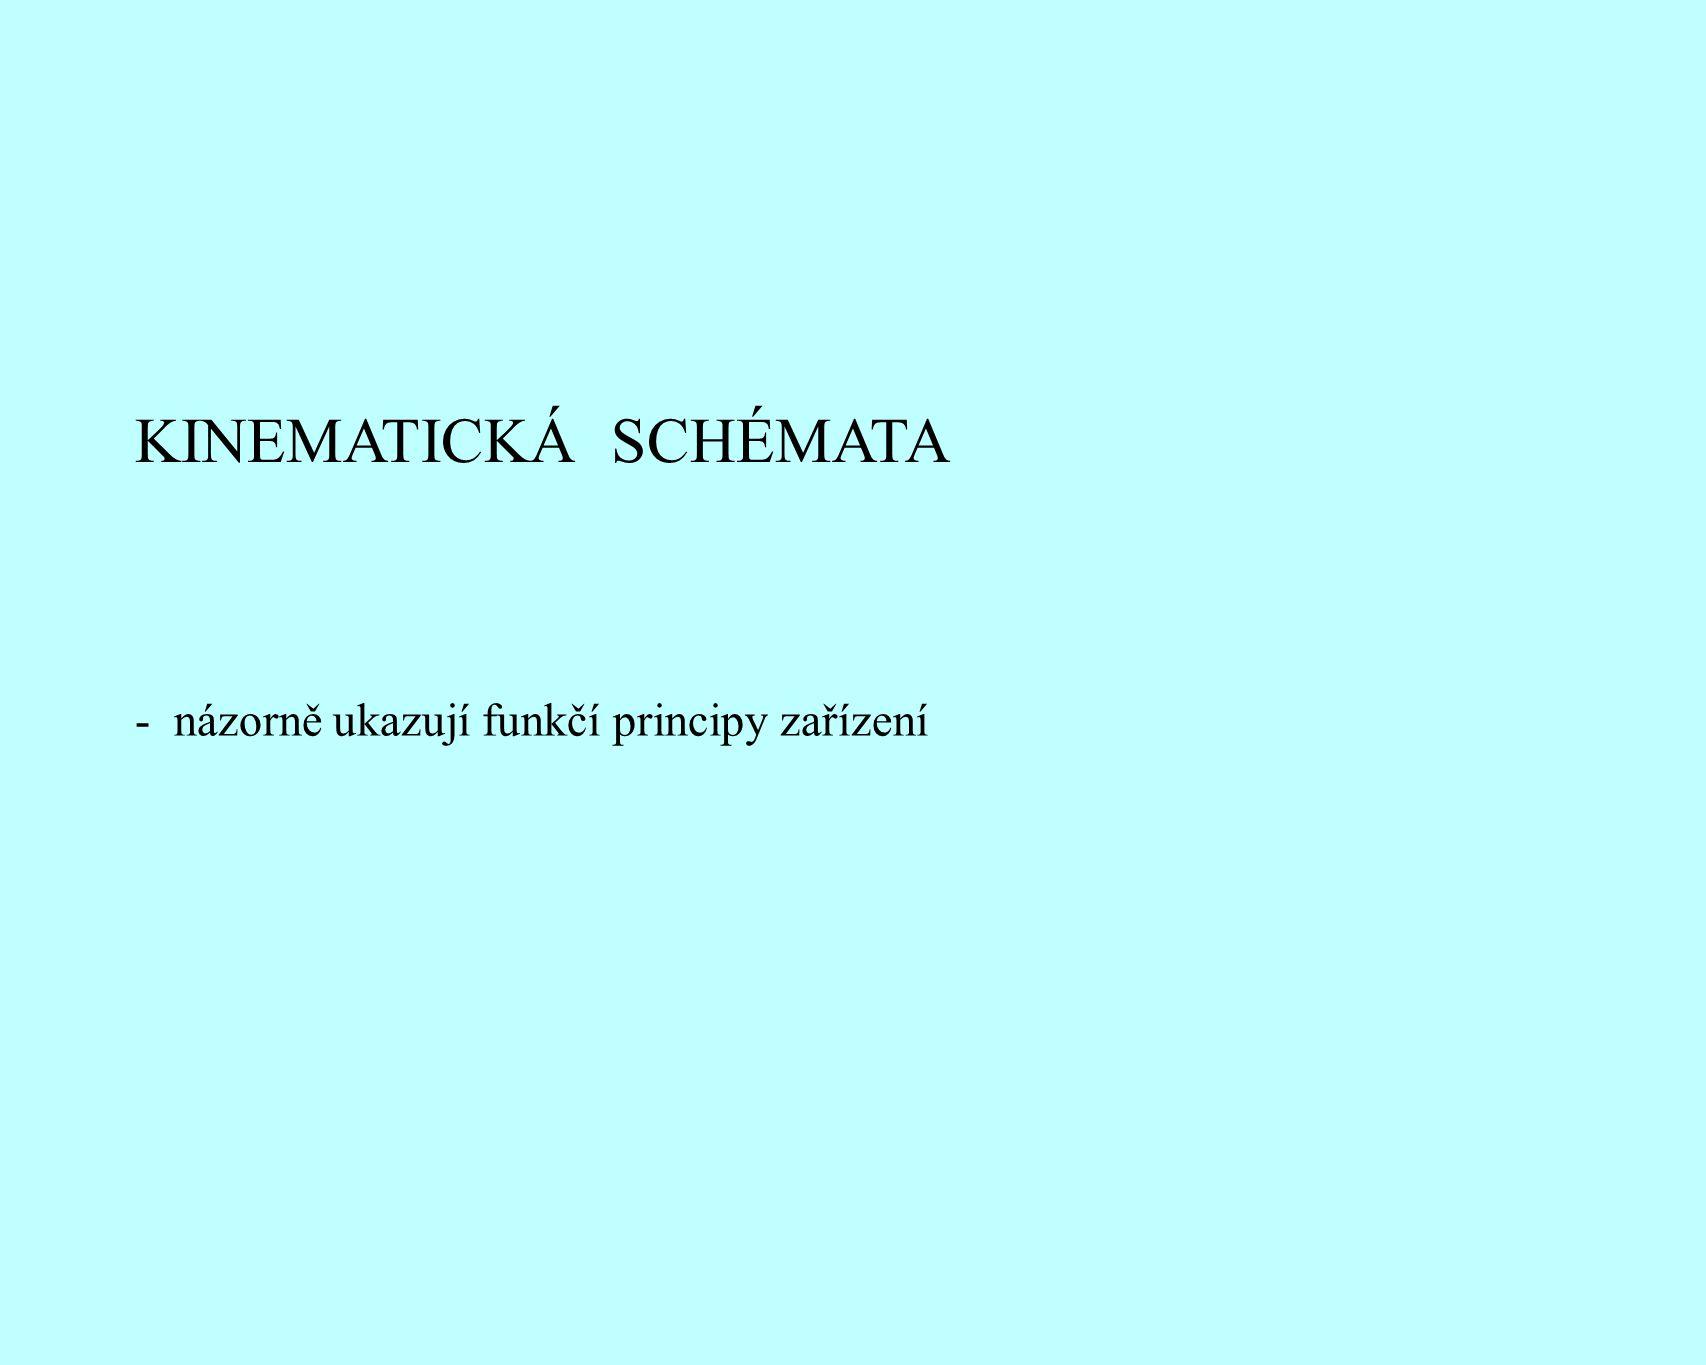 KINEMATICKÁ SCHÉMATA - názorně ukazují funkčí principy zařízení